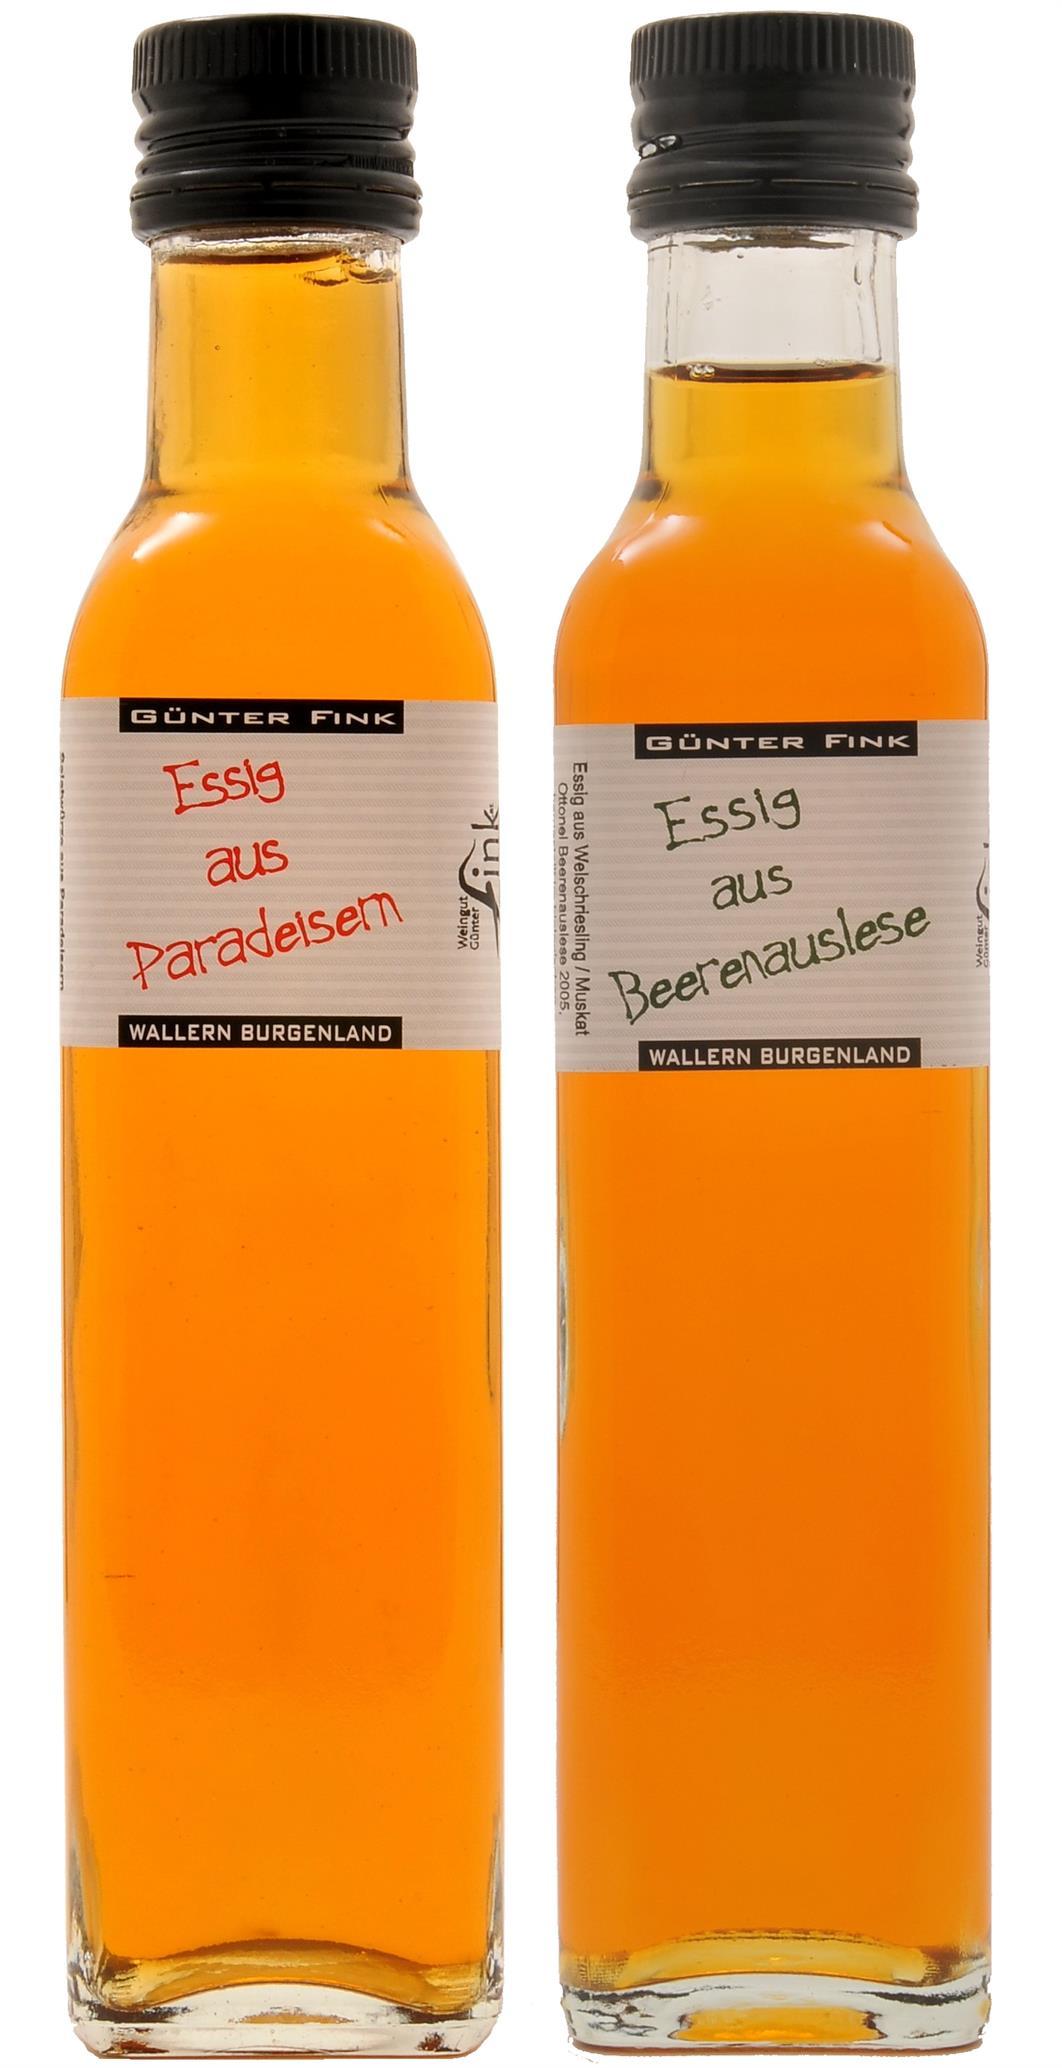 Paradeiseressig [Tomaten] 6% + Beerenausleseesig 7%